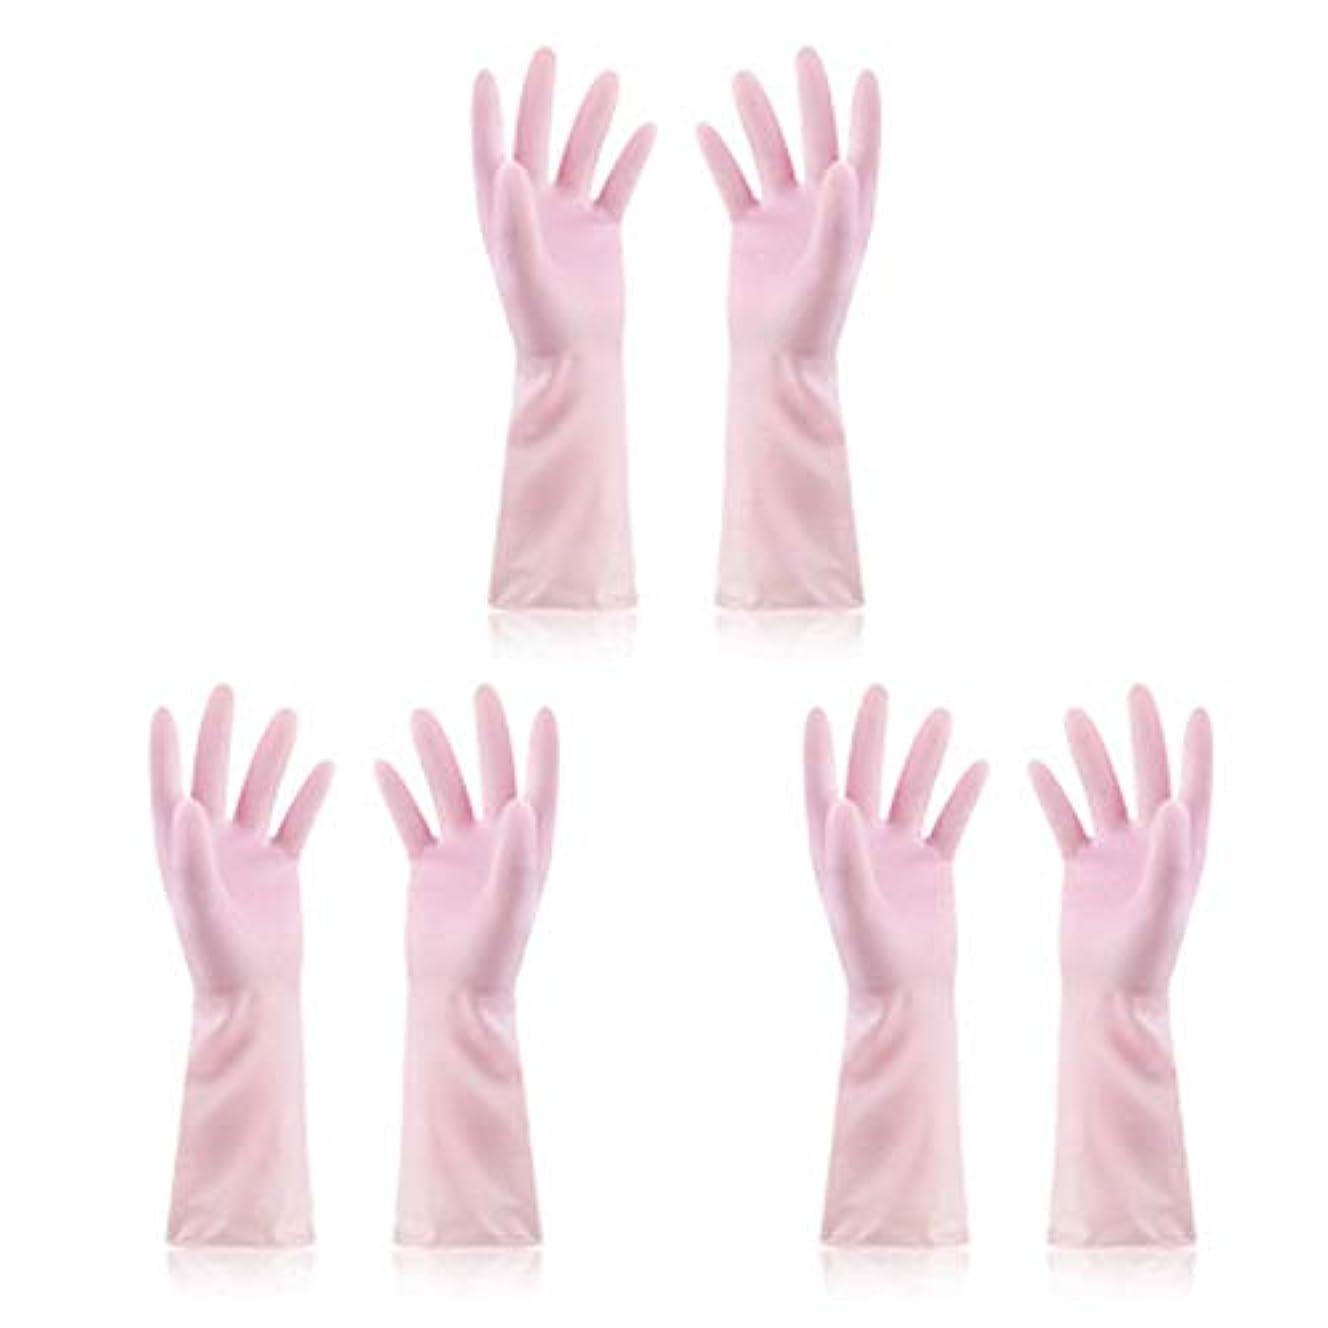 令状ケージ飼い慣らすニトリルゴム手袋 使い捨て手袋防水ラテックス焦げ付き防止ゴム製ゴム製台所手袋、3組 使い捨て手袋 (Color : Pink, Size : M)